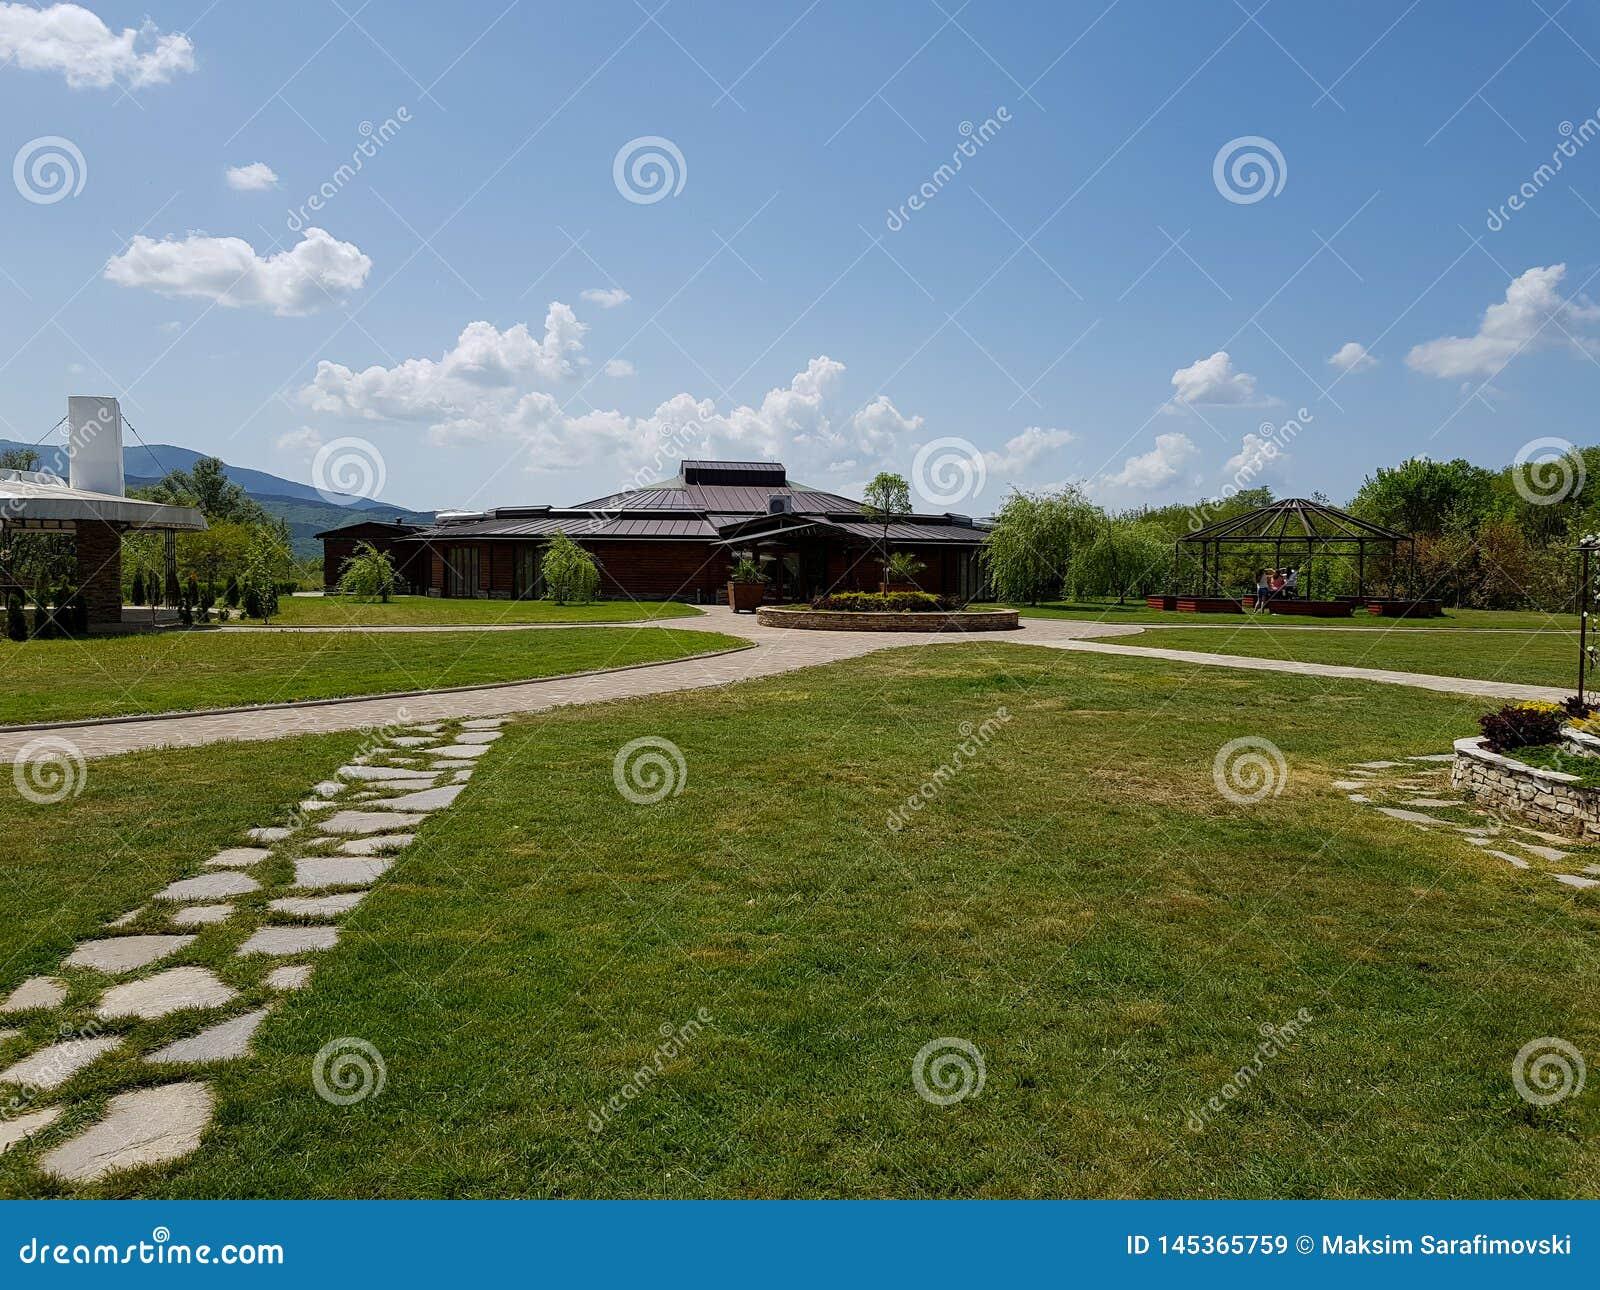 Деревянная церемония, ресторан свадьбы с травой и дороги сделанные камней